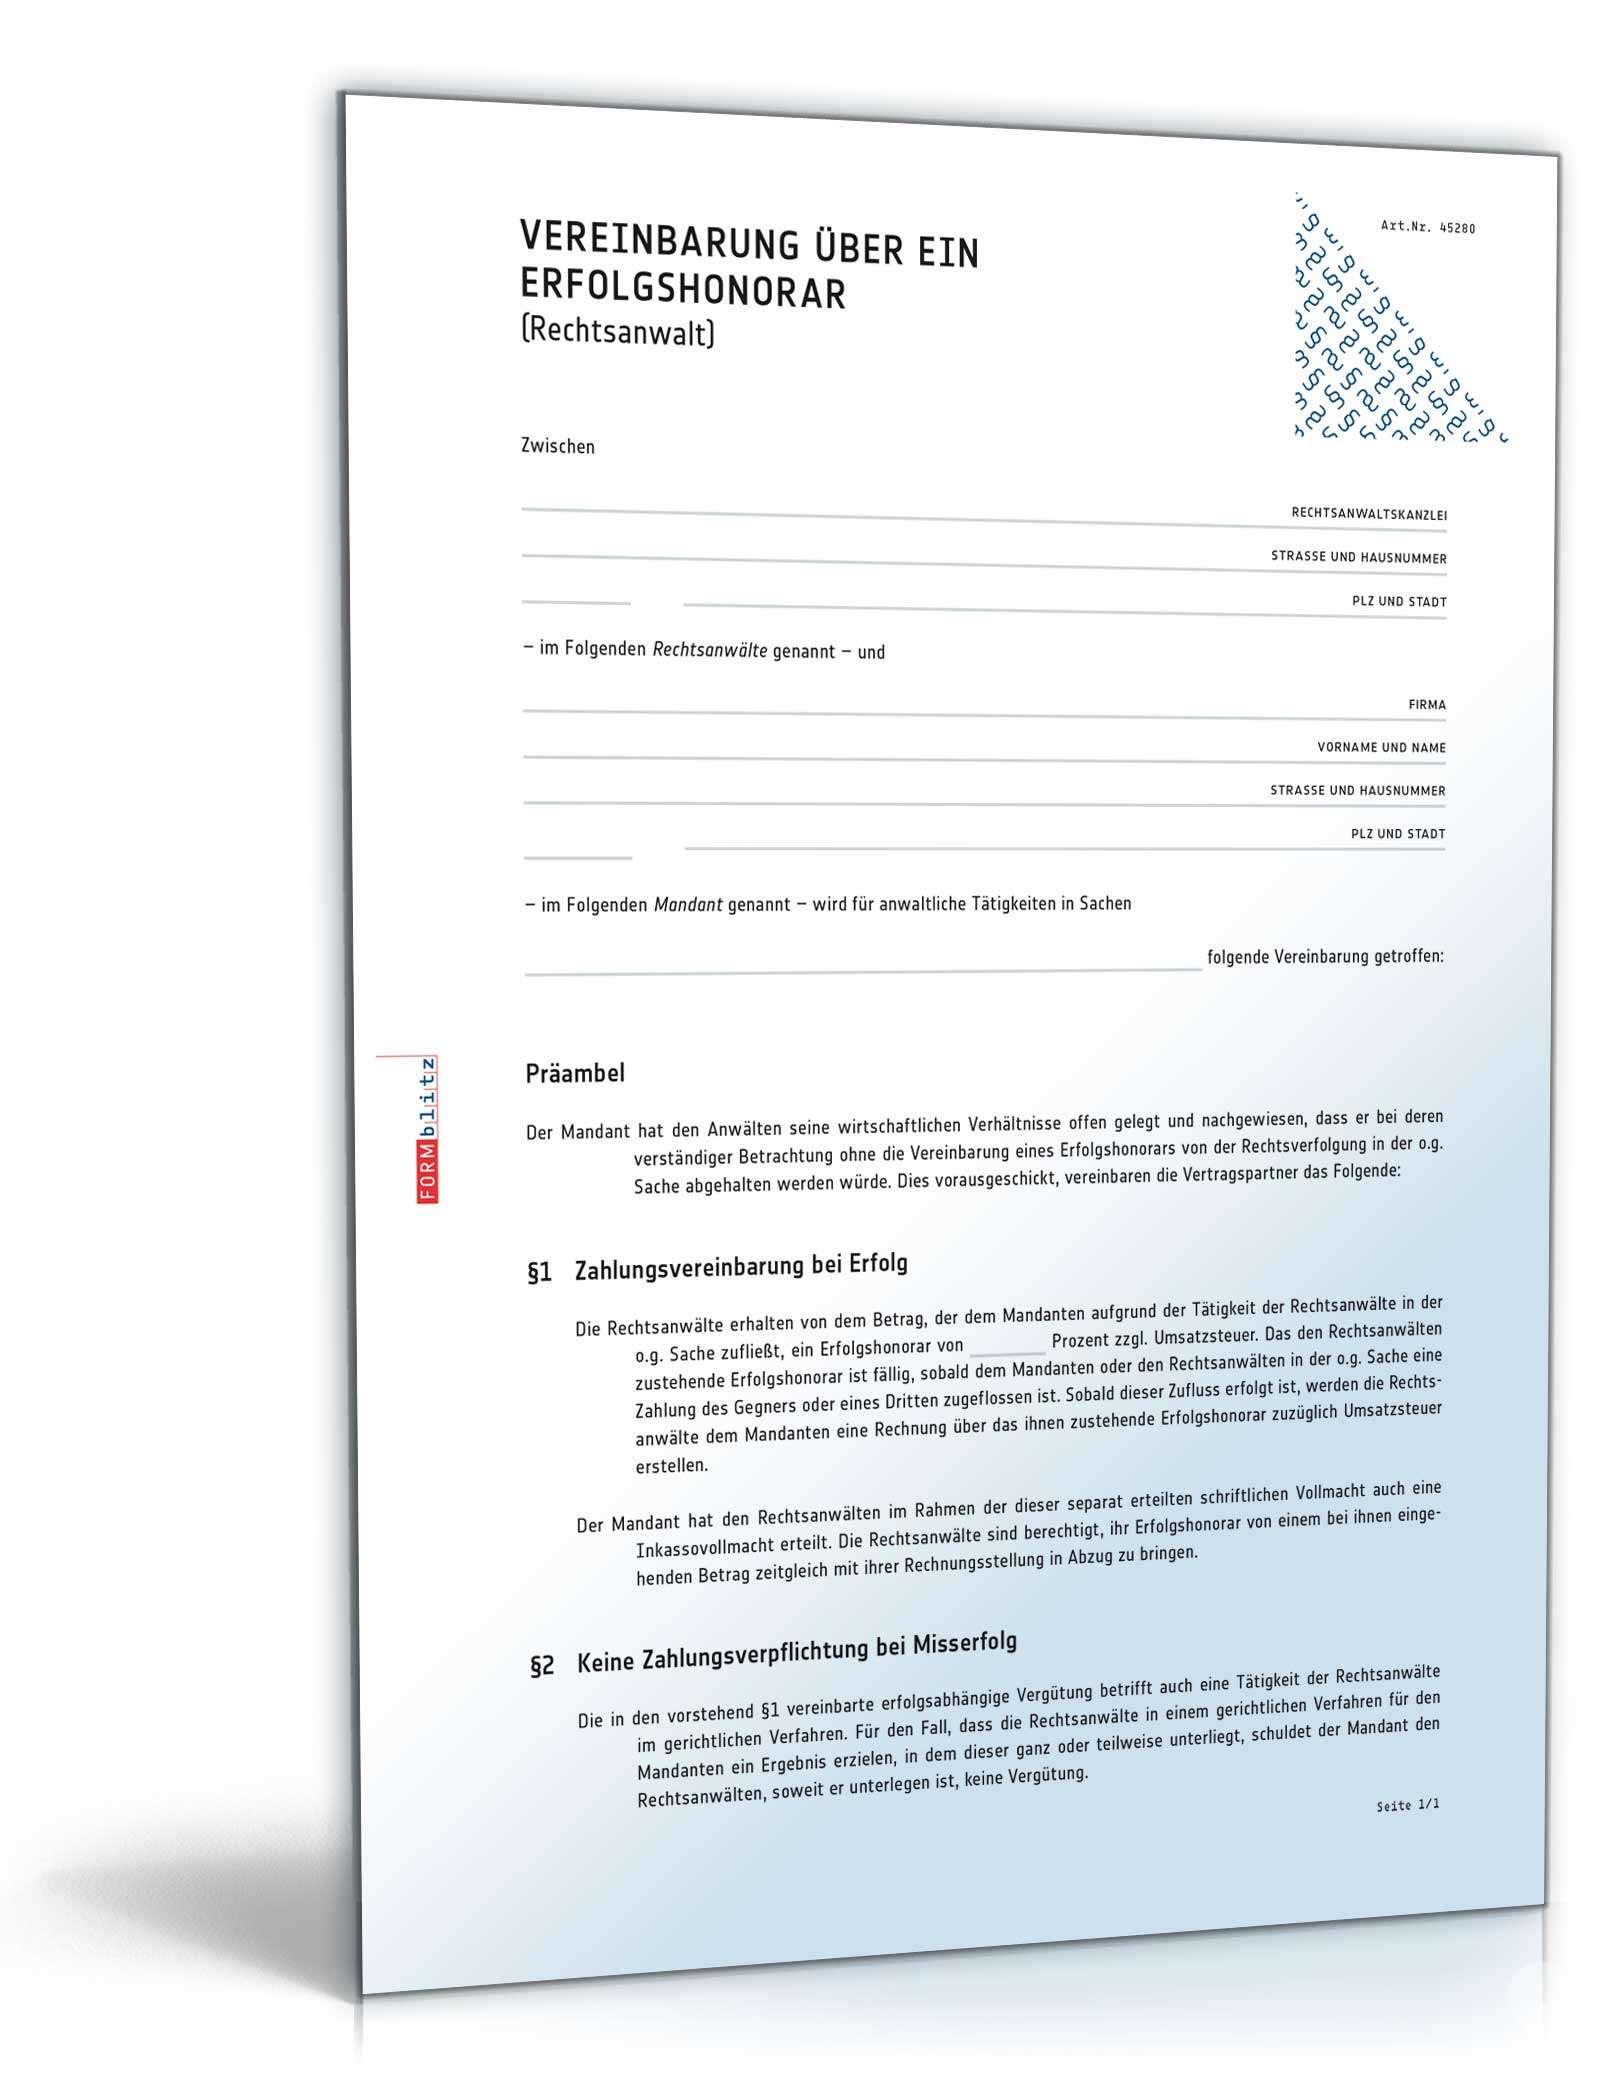 Vereinbarung Erfolgshonorar Rechtsanwalt Vorlage Zum Download